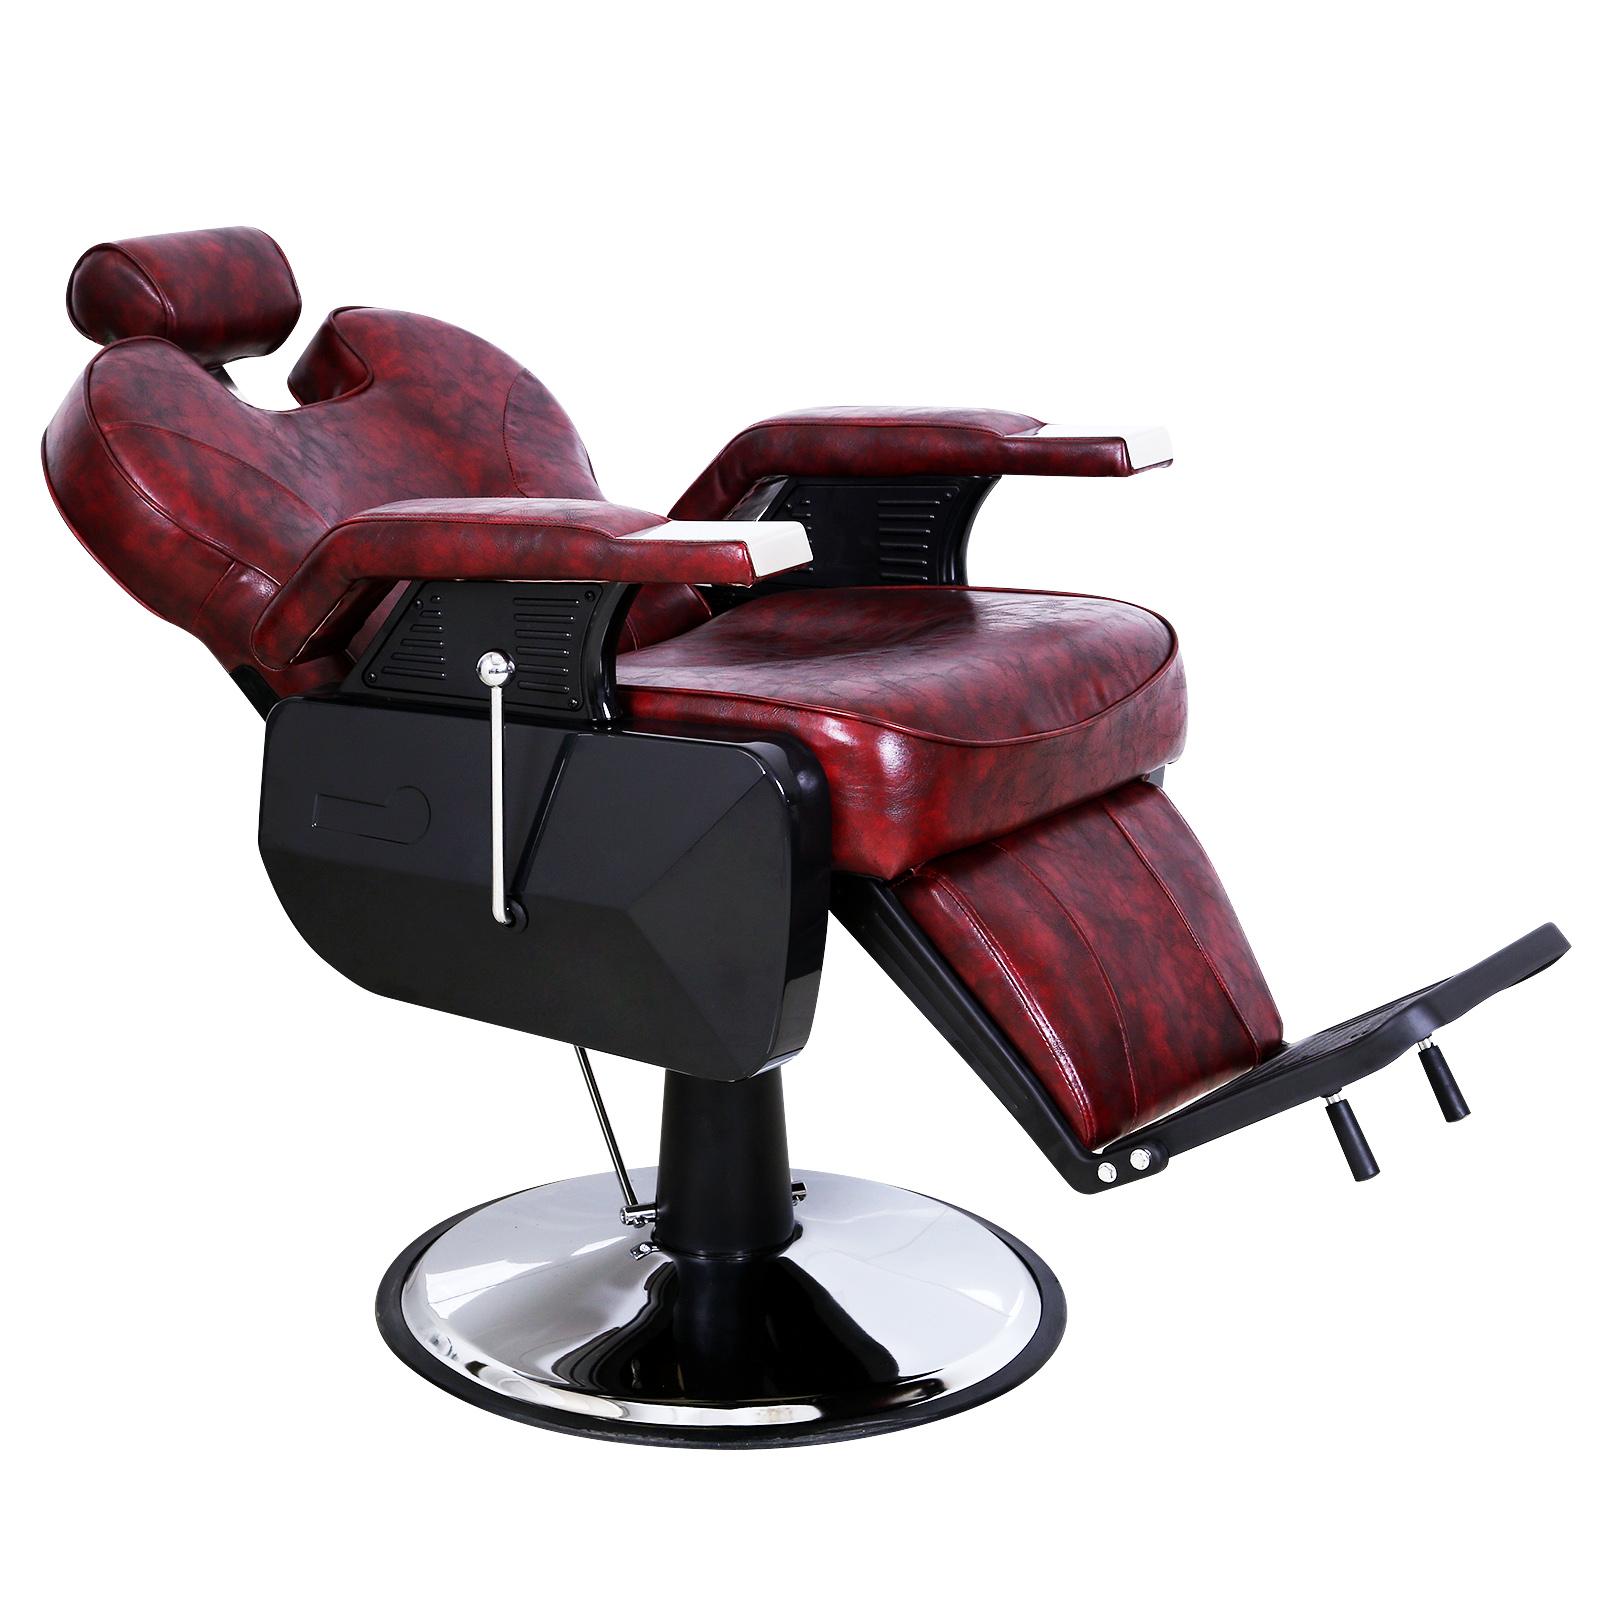 All Purpose Salon Barber Chair Premium Heavy Duty